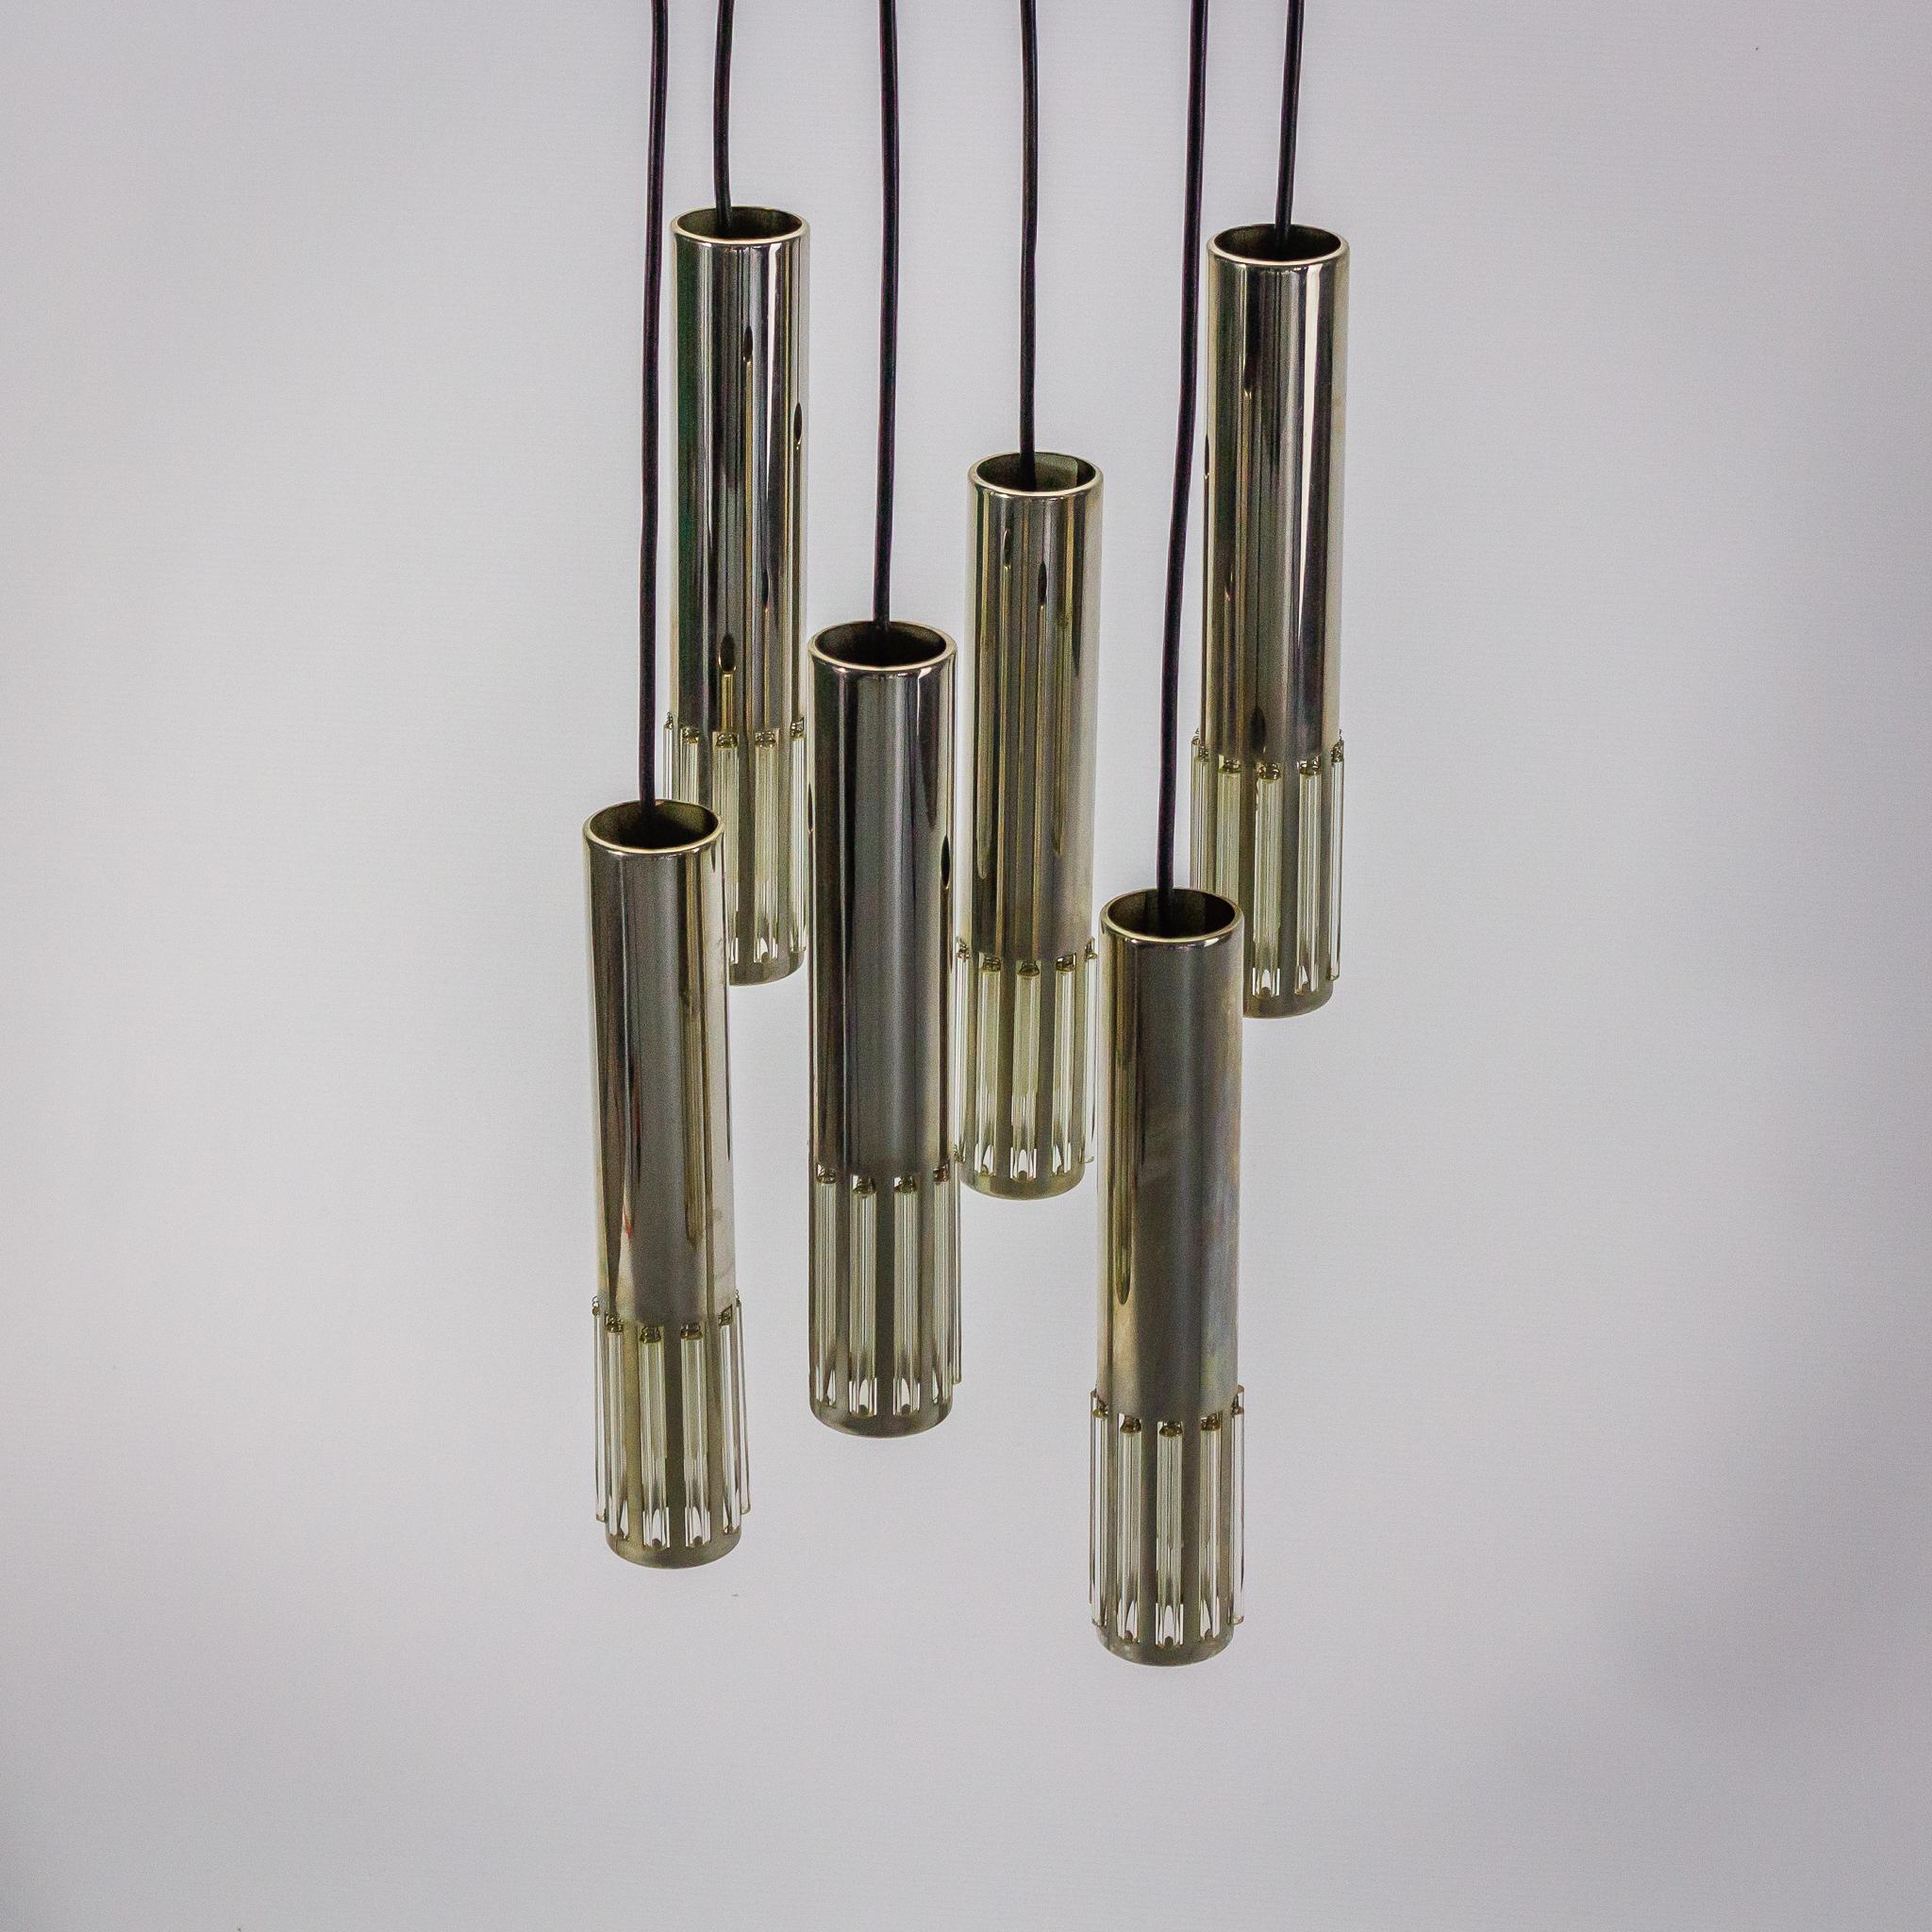 ... Raak hanglamp met 6 hangers chroom glas Design Vintage Retro Barbmama